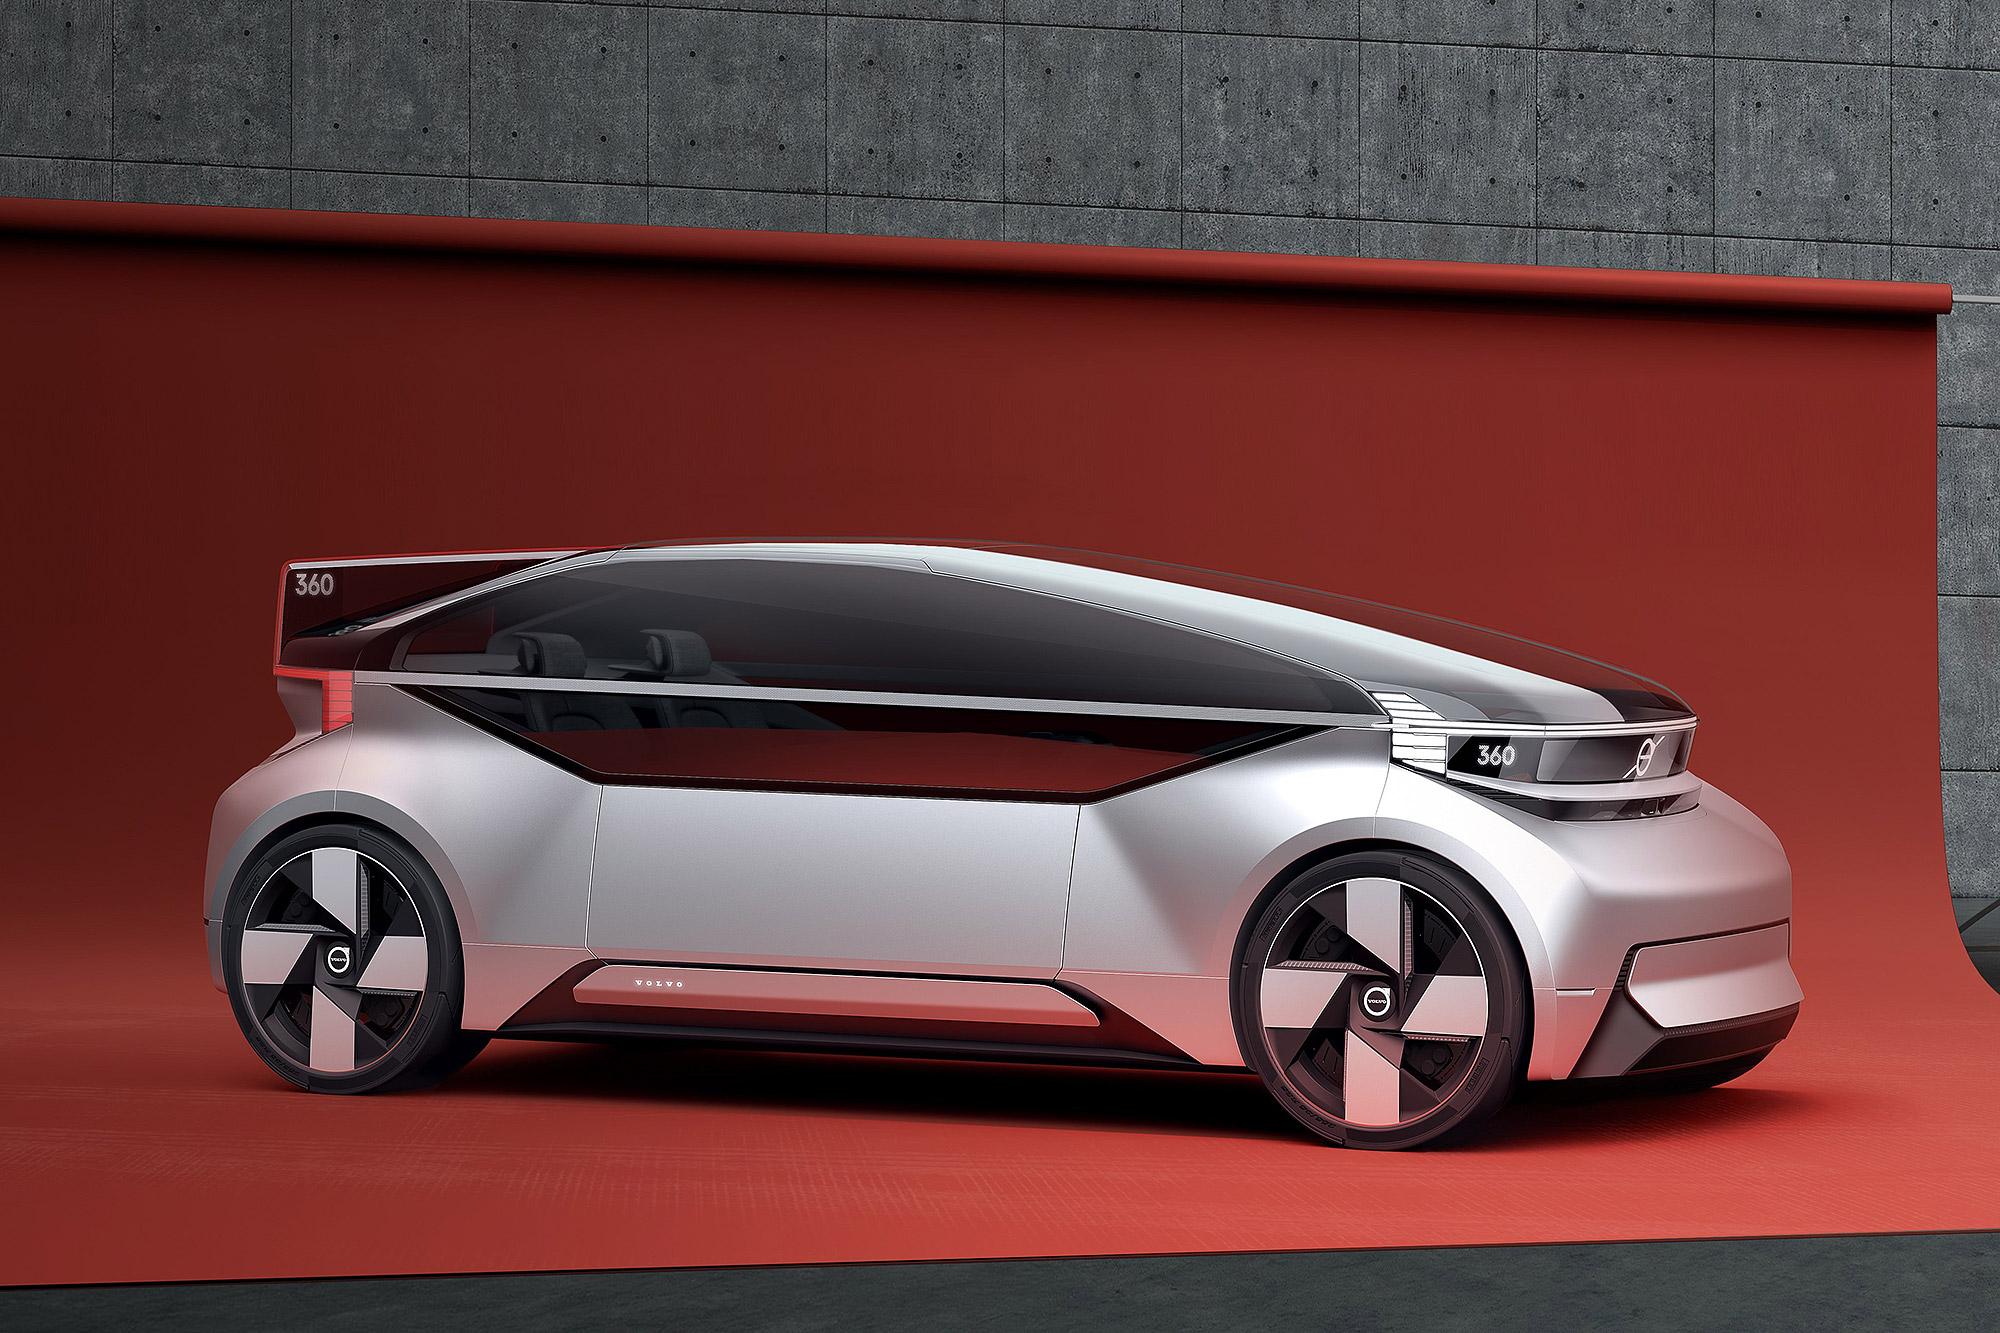 Volvo 長期的目標在於 2040 年時,每一款產品生命週期的碳排放量可以減少 40% 。